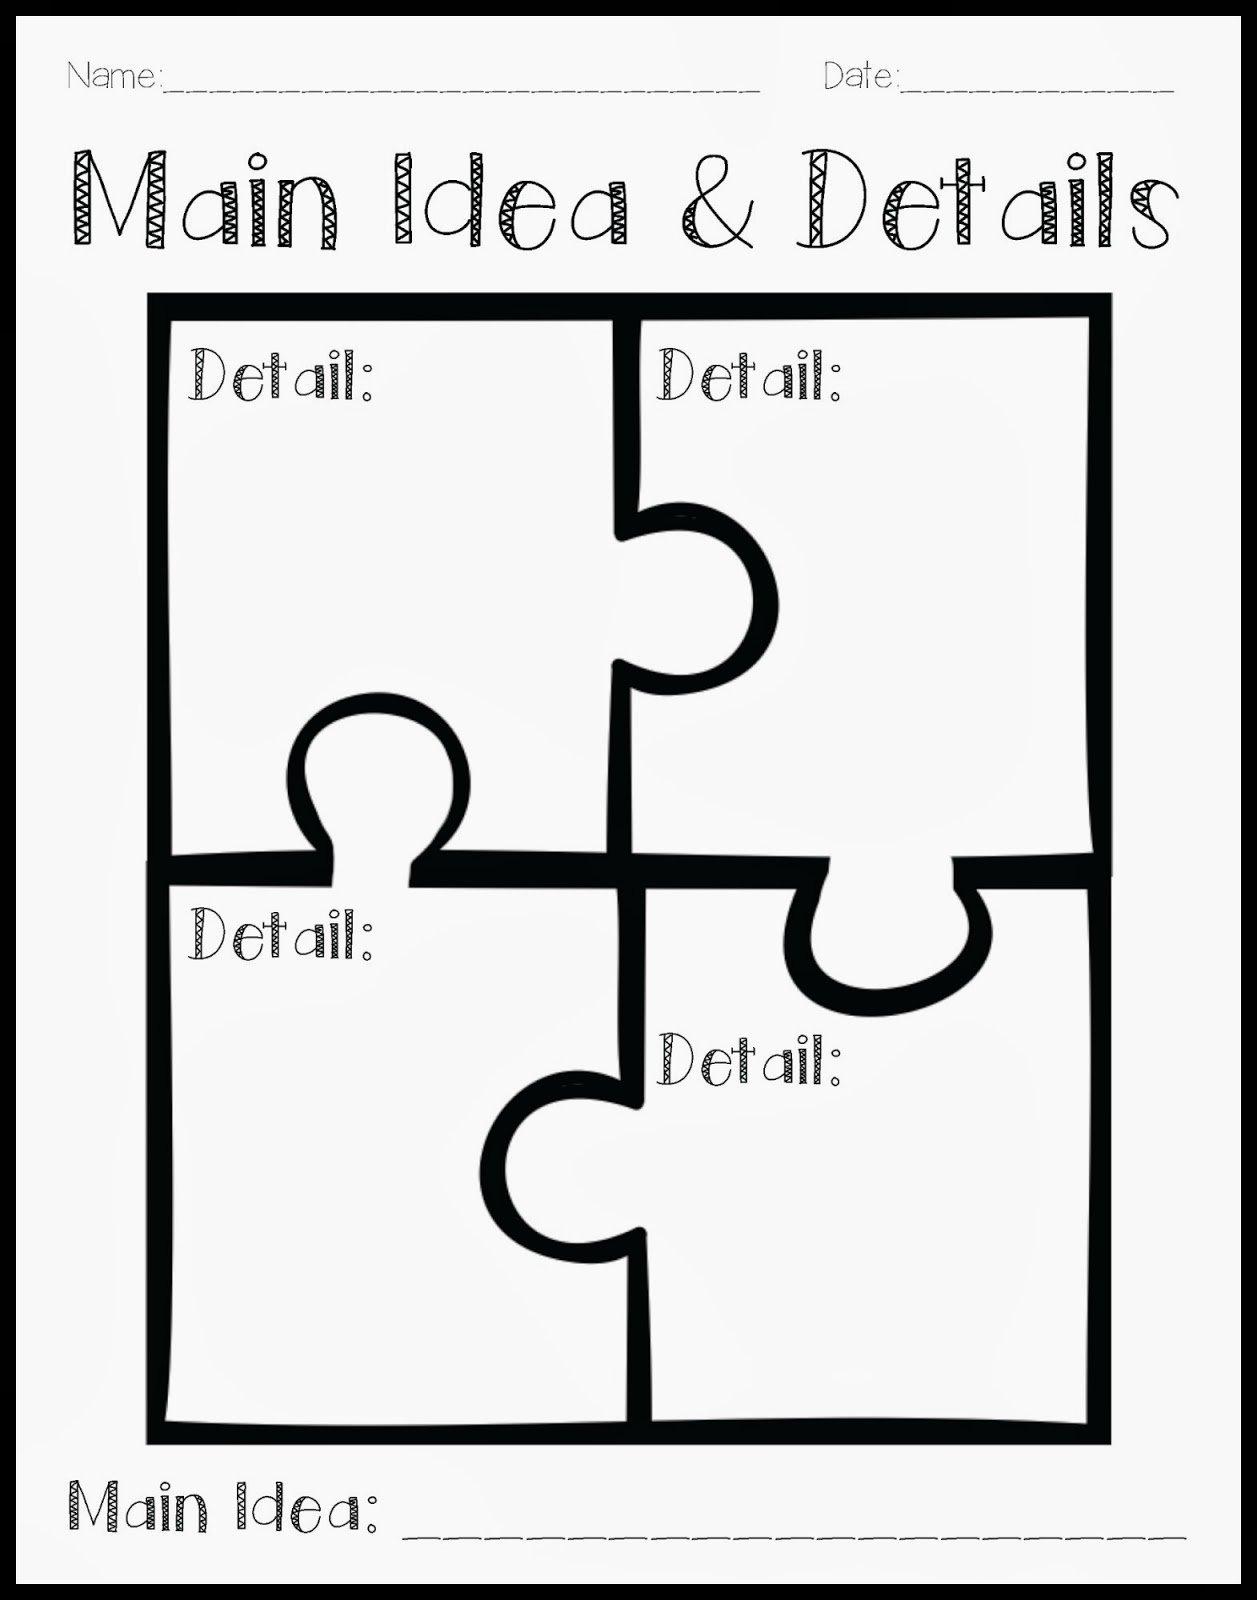 Main Idea Worksheet For 1st Grade